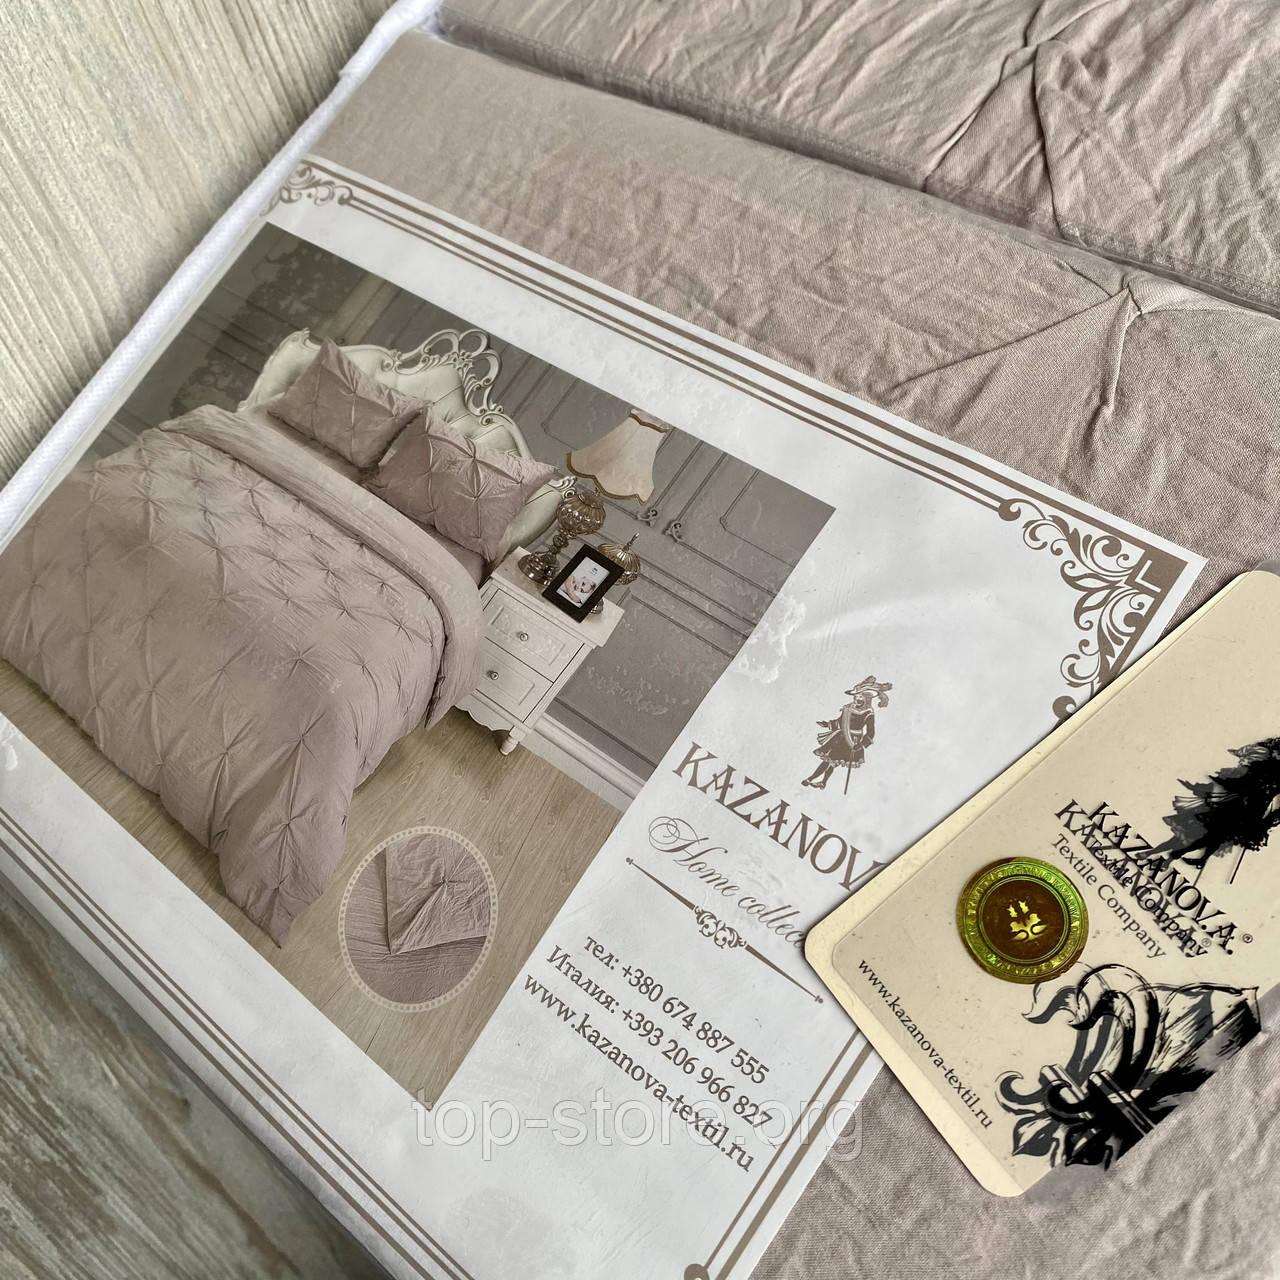 Постельное белье Евро размер. Rimbossa - Эффект объёма | Высокое качество.